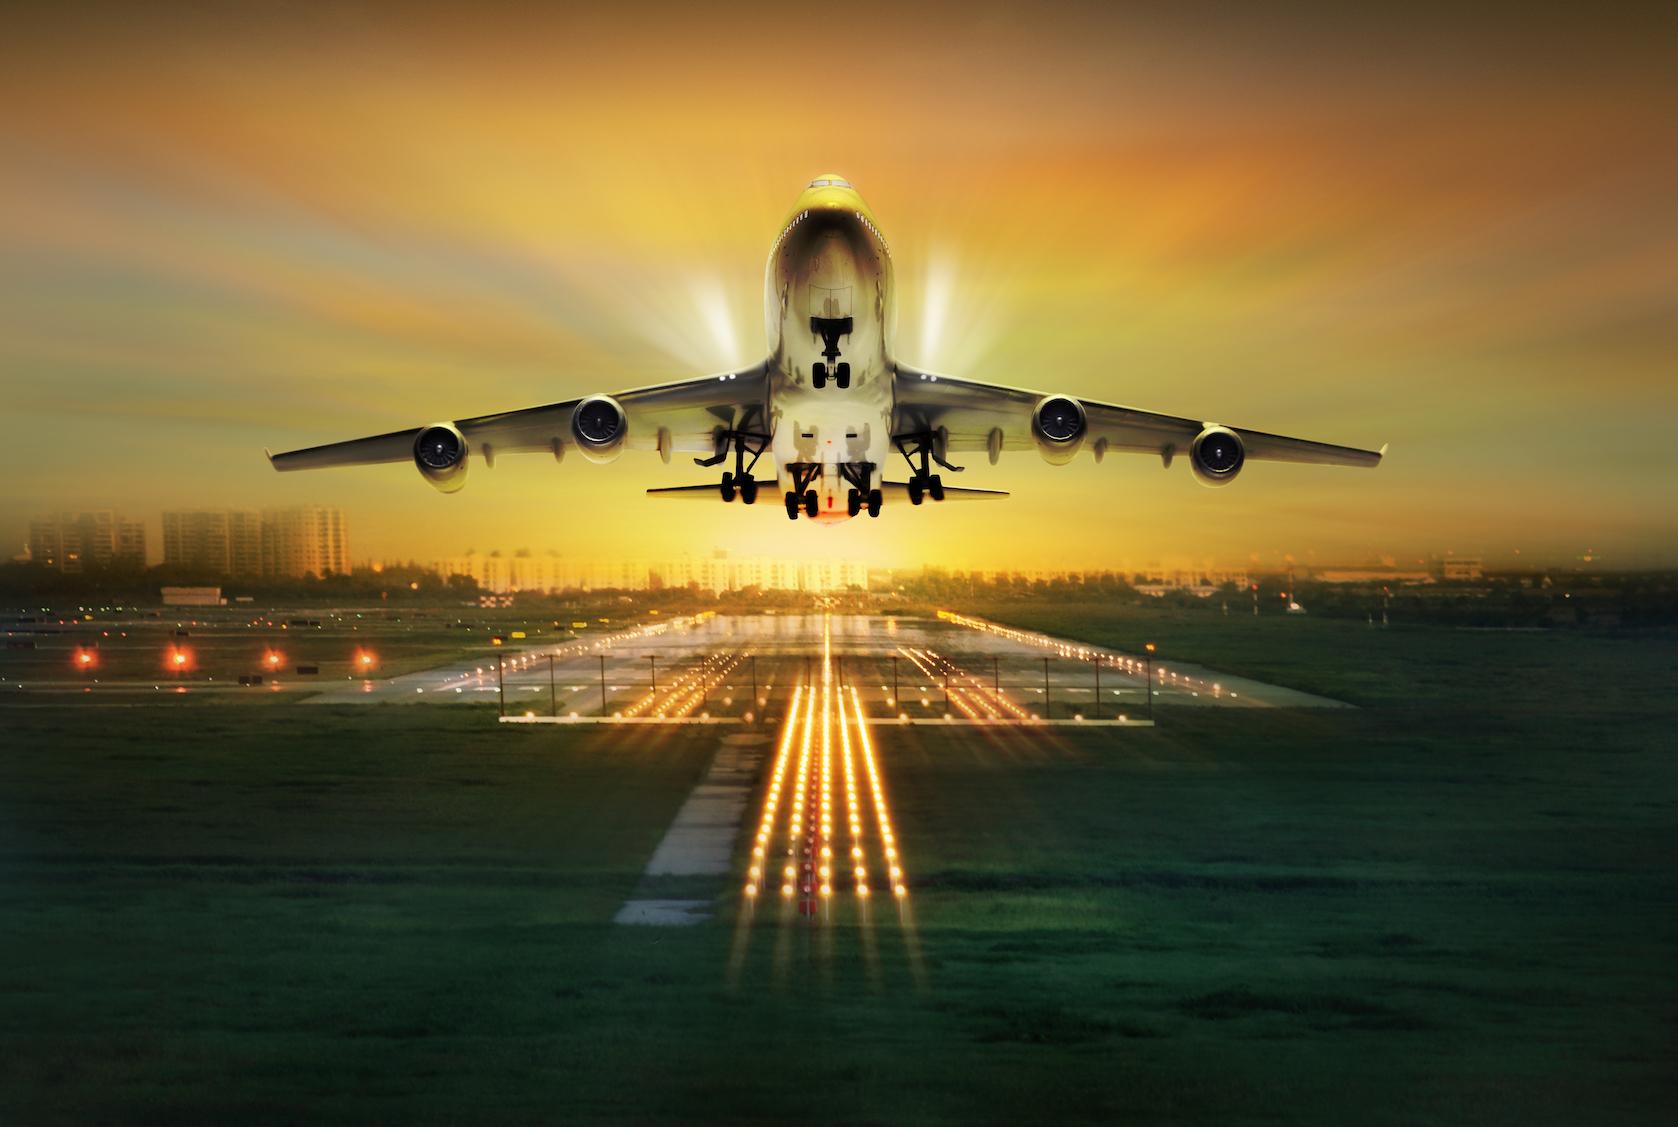 взлетающий самолет фото красивые картинки выбор опоры